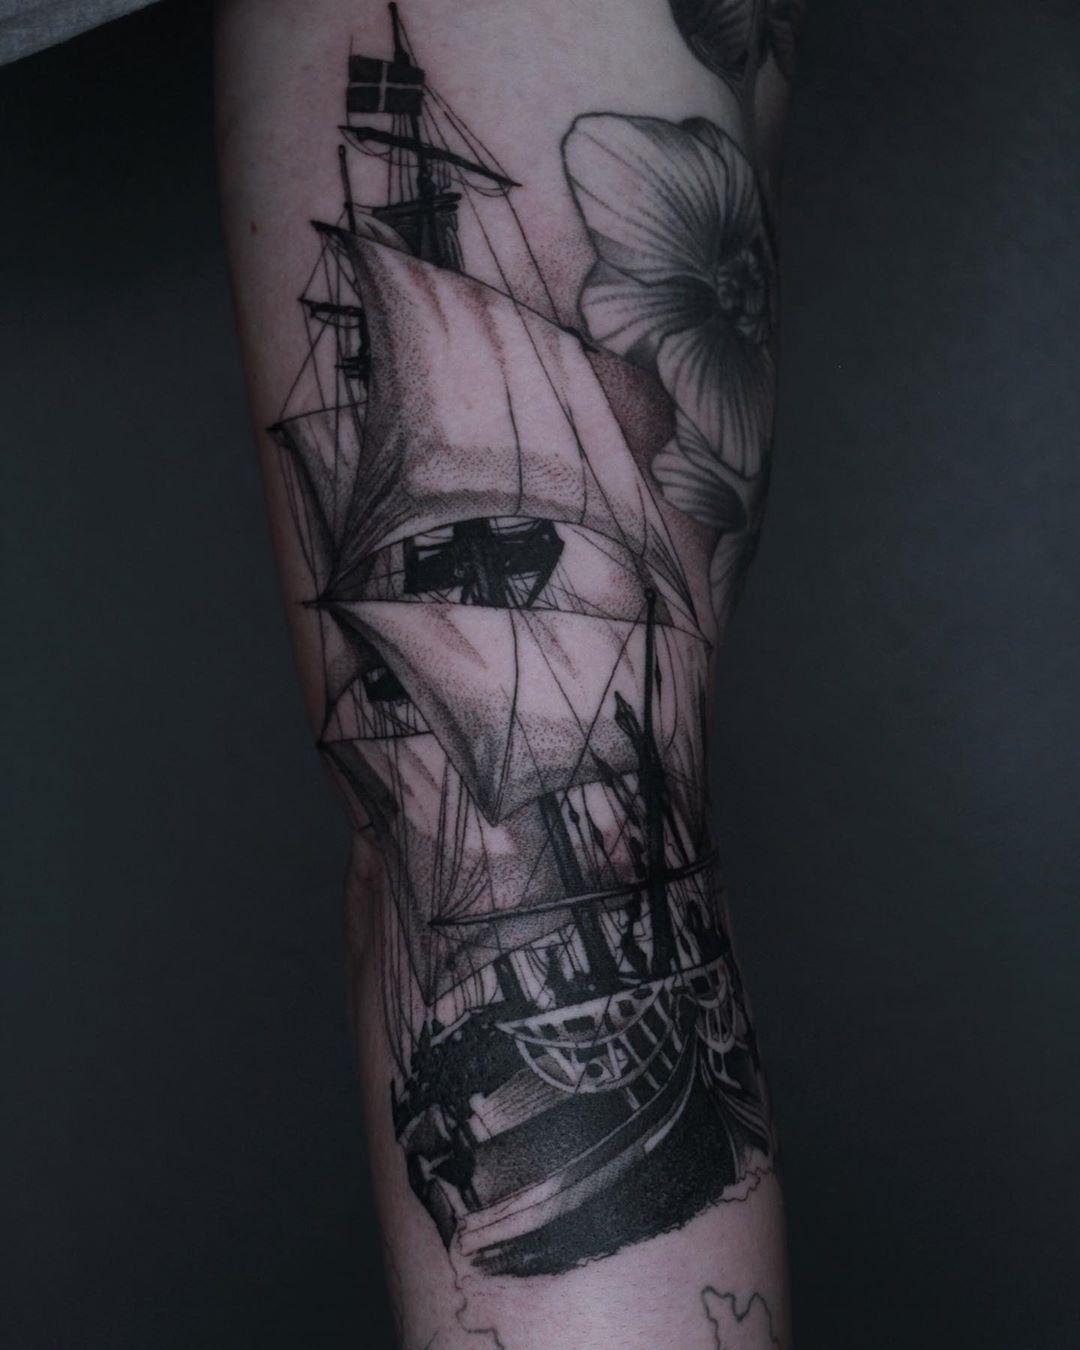 Tatuaż wykonany przez @lextattooer  Mamy duże wolnych projektów.  Więcej informacji i rezerwacja terminów na 📩 lub☎️731605298 Warszawa. Arrow Tattoo Studio. Ul. Dąbrowiecka 8, Saską Kępa  #arrow_tattoo_studio #studiotatuazu# tattoostudio #tattooed #tattooedlife #tattoolovets #варшаватату #татуваршава #татувваршаве #warsawtattoo #warszawatattoo #tattooedpeople #warsawlovers #tattooart #traditionalart #warsawgirl #warsawboy #inkedtattoo #besttattoo #polandtattoos #polandtattoo #warsawpoland #sask